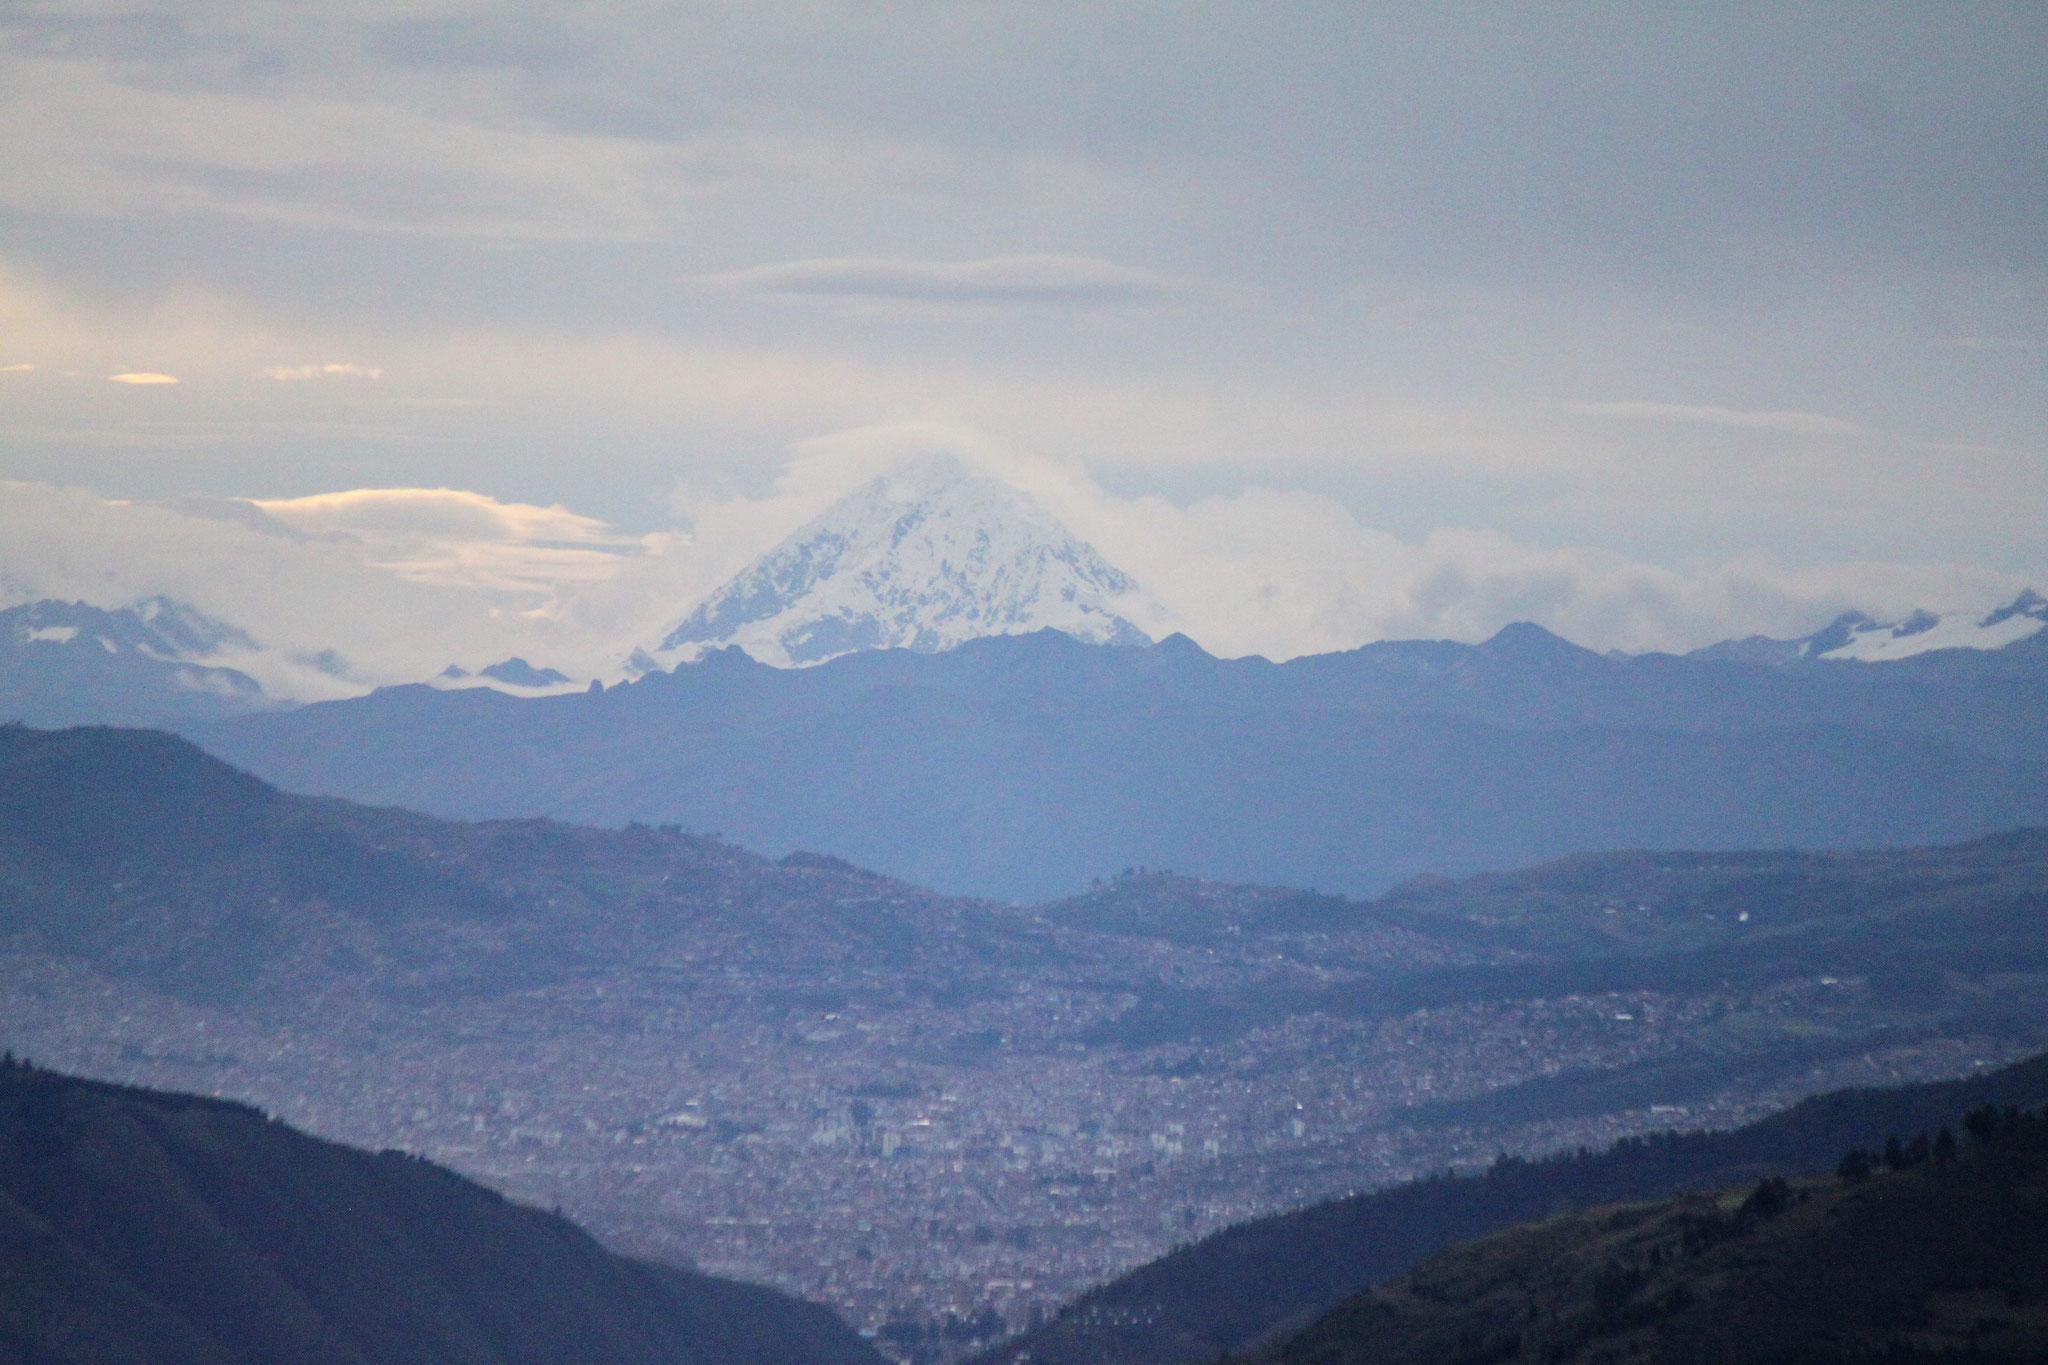 Wunderschöner Blick auf Cusco - im Hintergrund ist der Salcantay zu sehen (6.271 m)